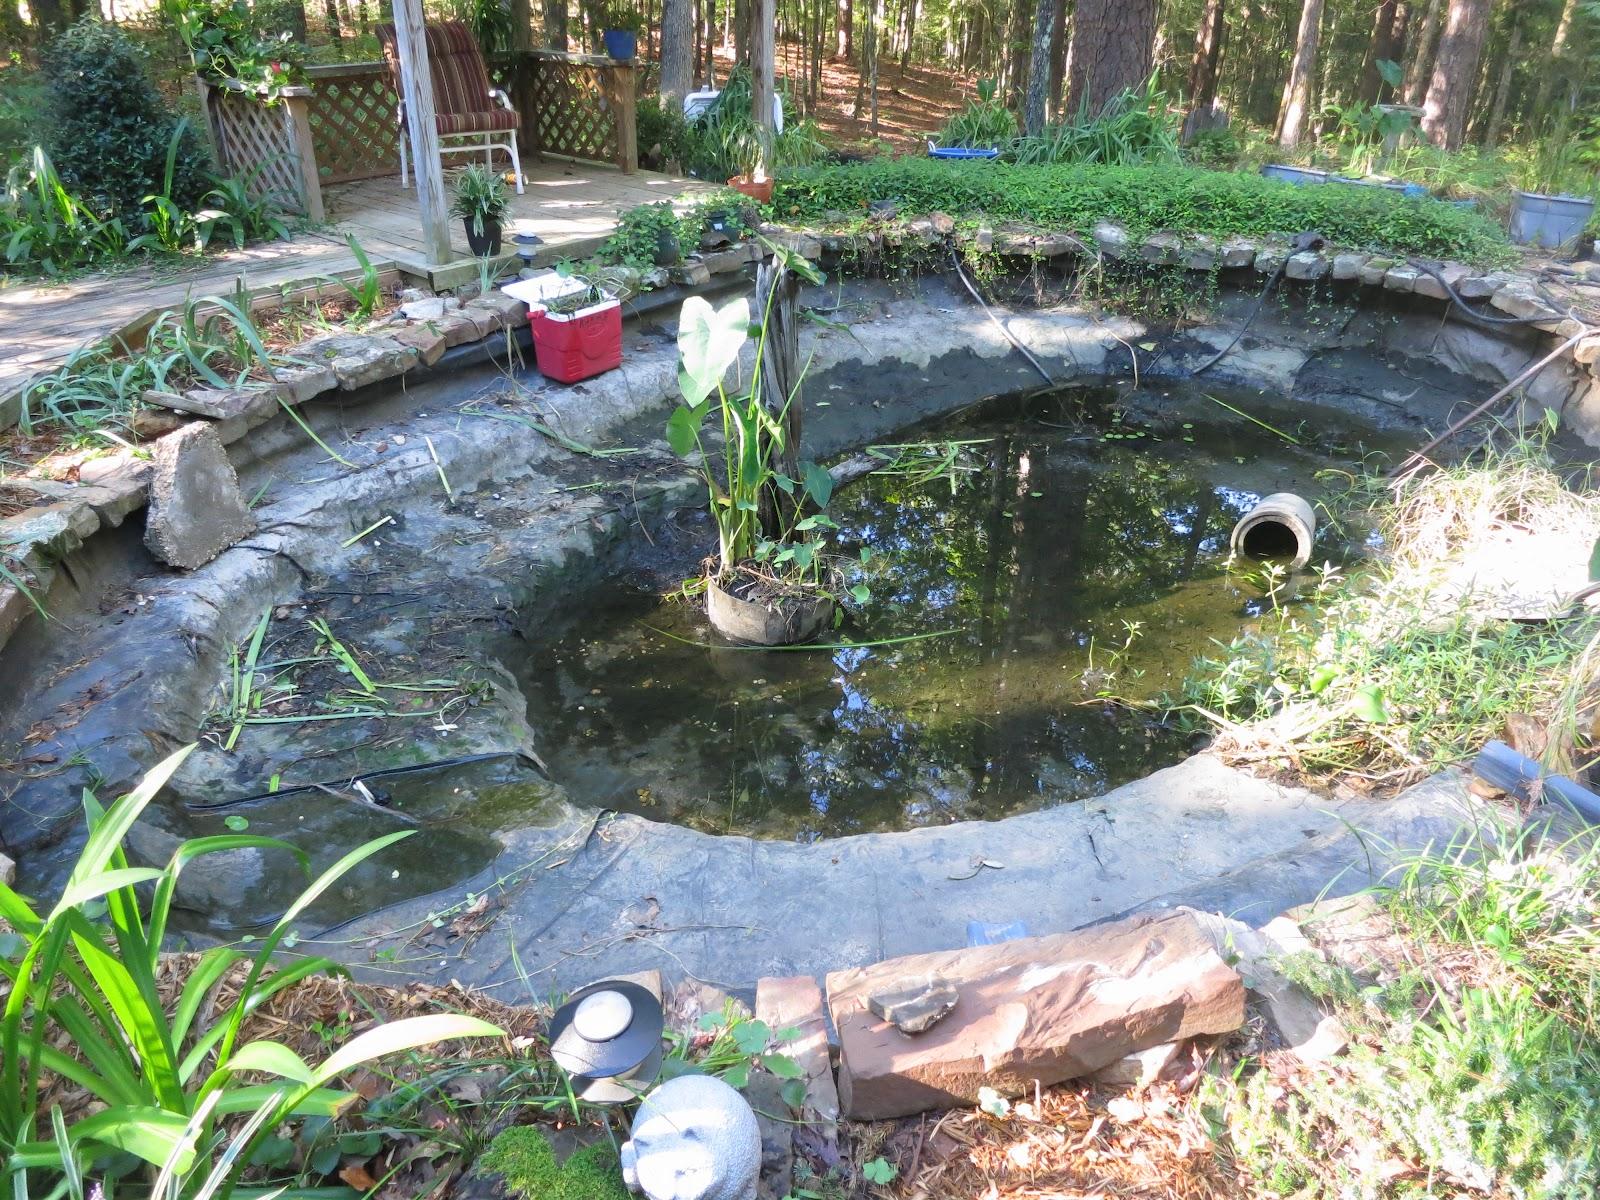 prunepicker koi pond needs repair